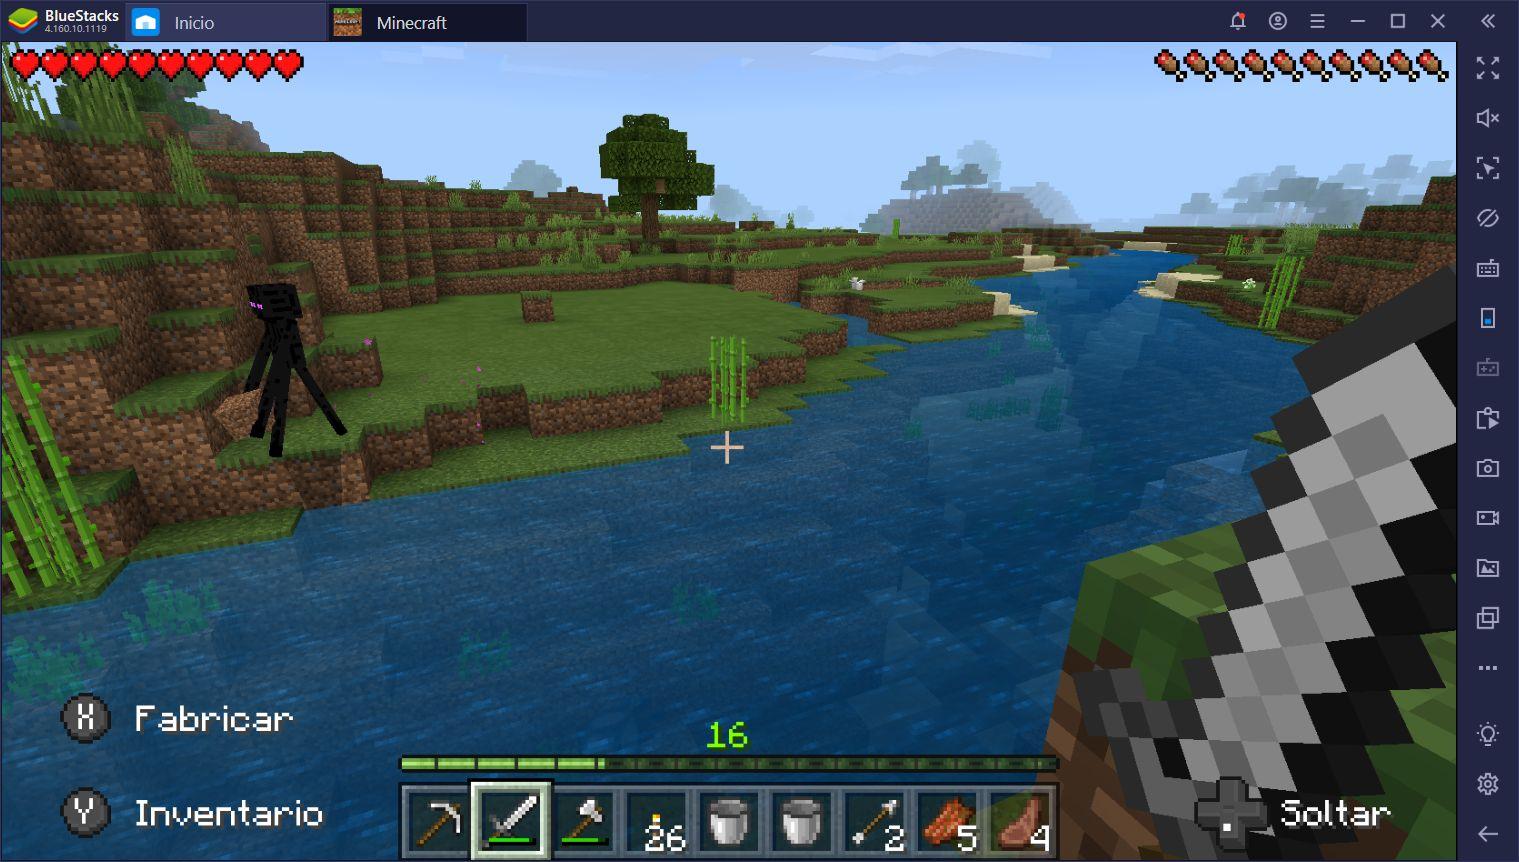 Monstruos en Minecraft - Los Enemigos Más Peligrosos que Querrás Evitar al Principio